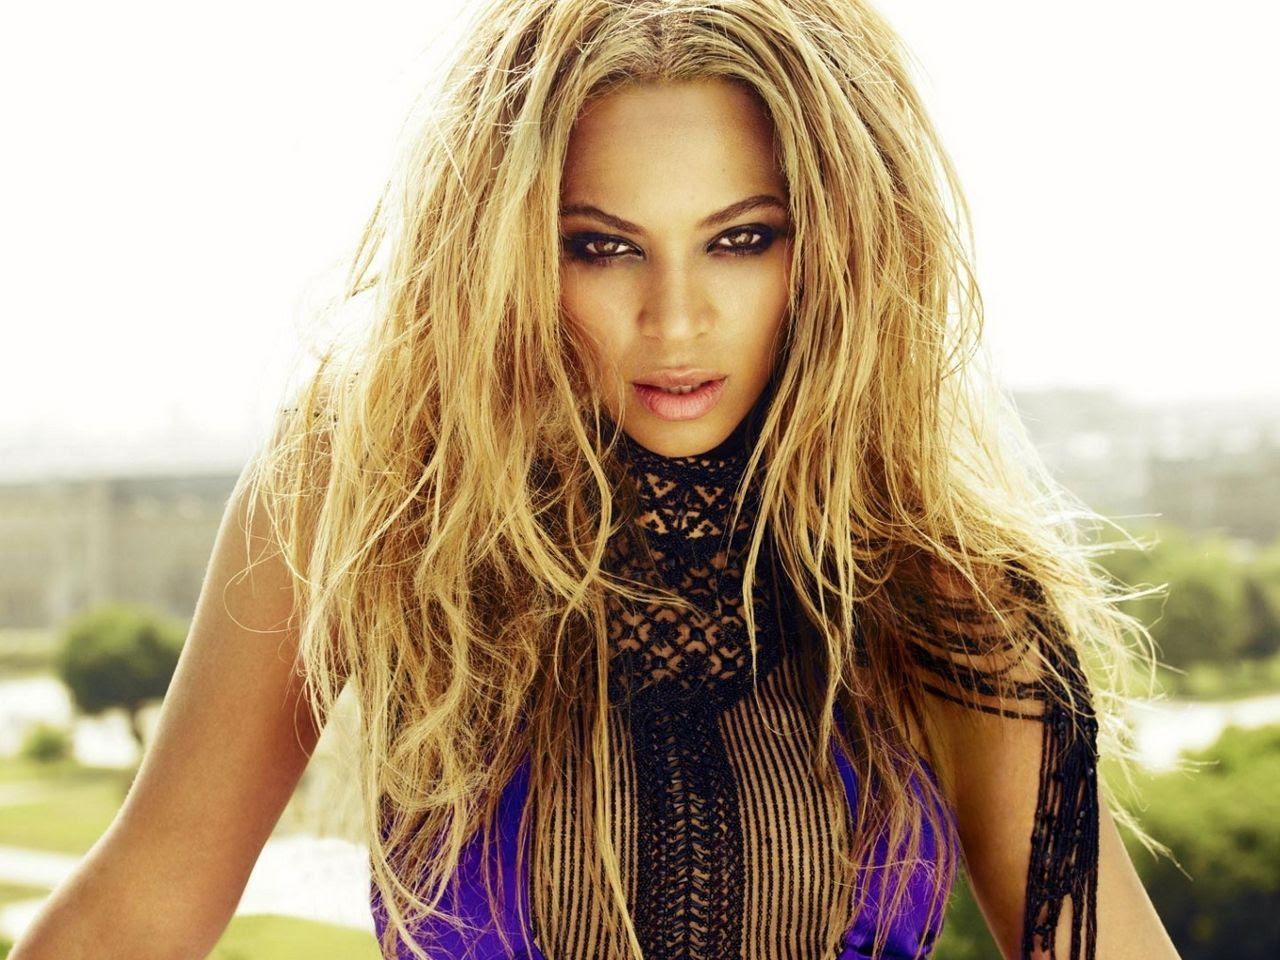 Beyonce photo Beyonce-Album-4-Outtake-beyonce-32623421-1280-960.jpg